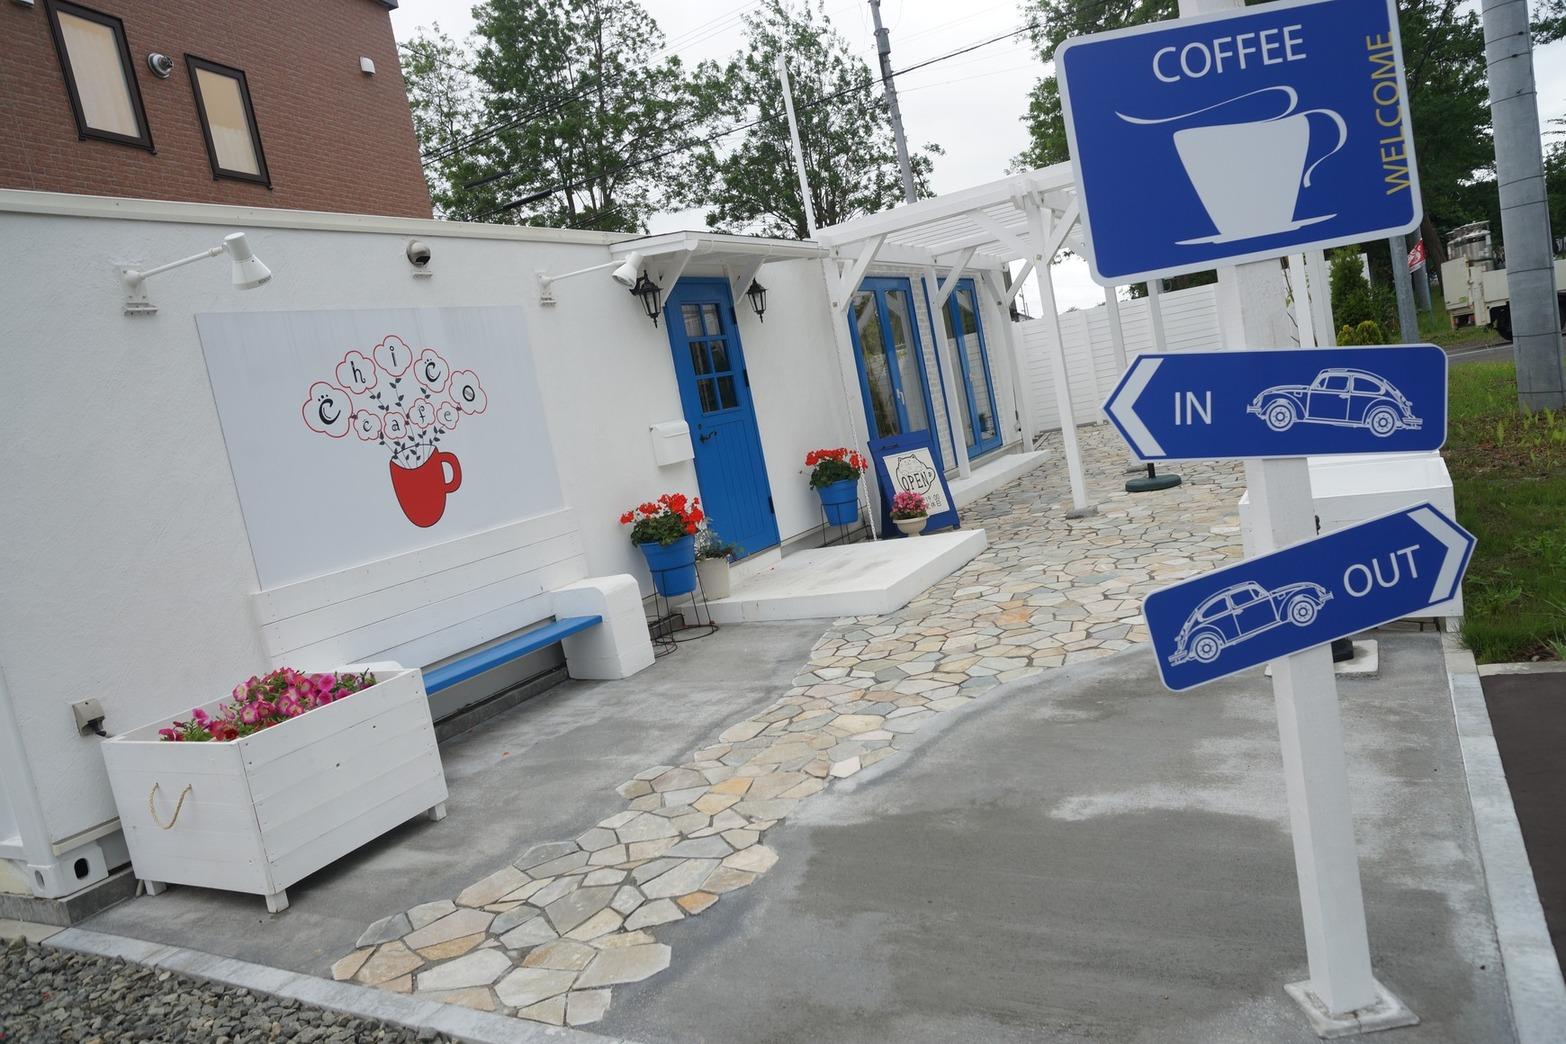 チコ カフェ